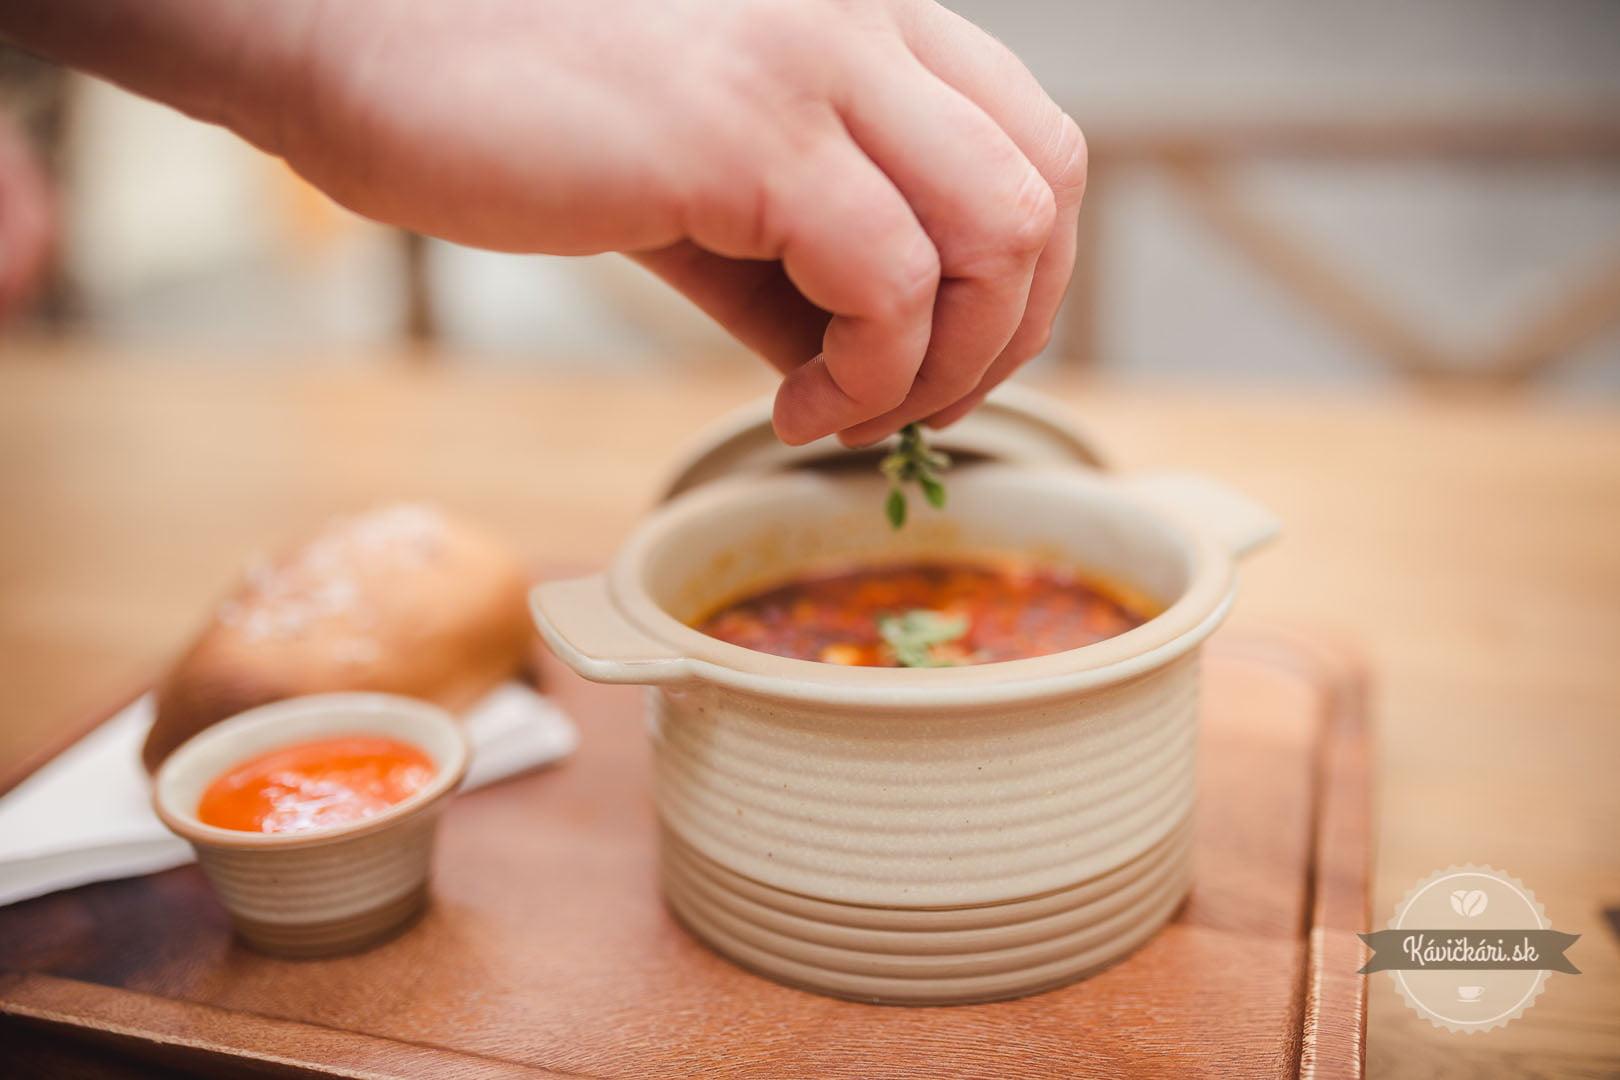 držková polievka banská bystrica